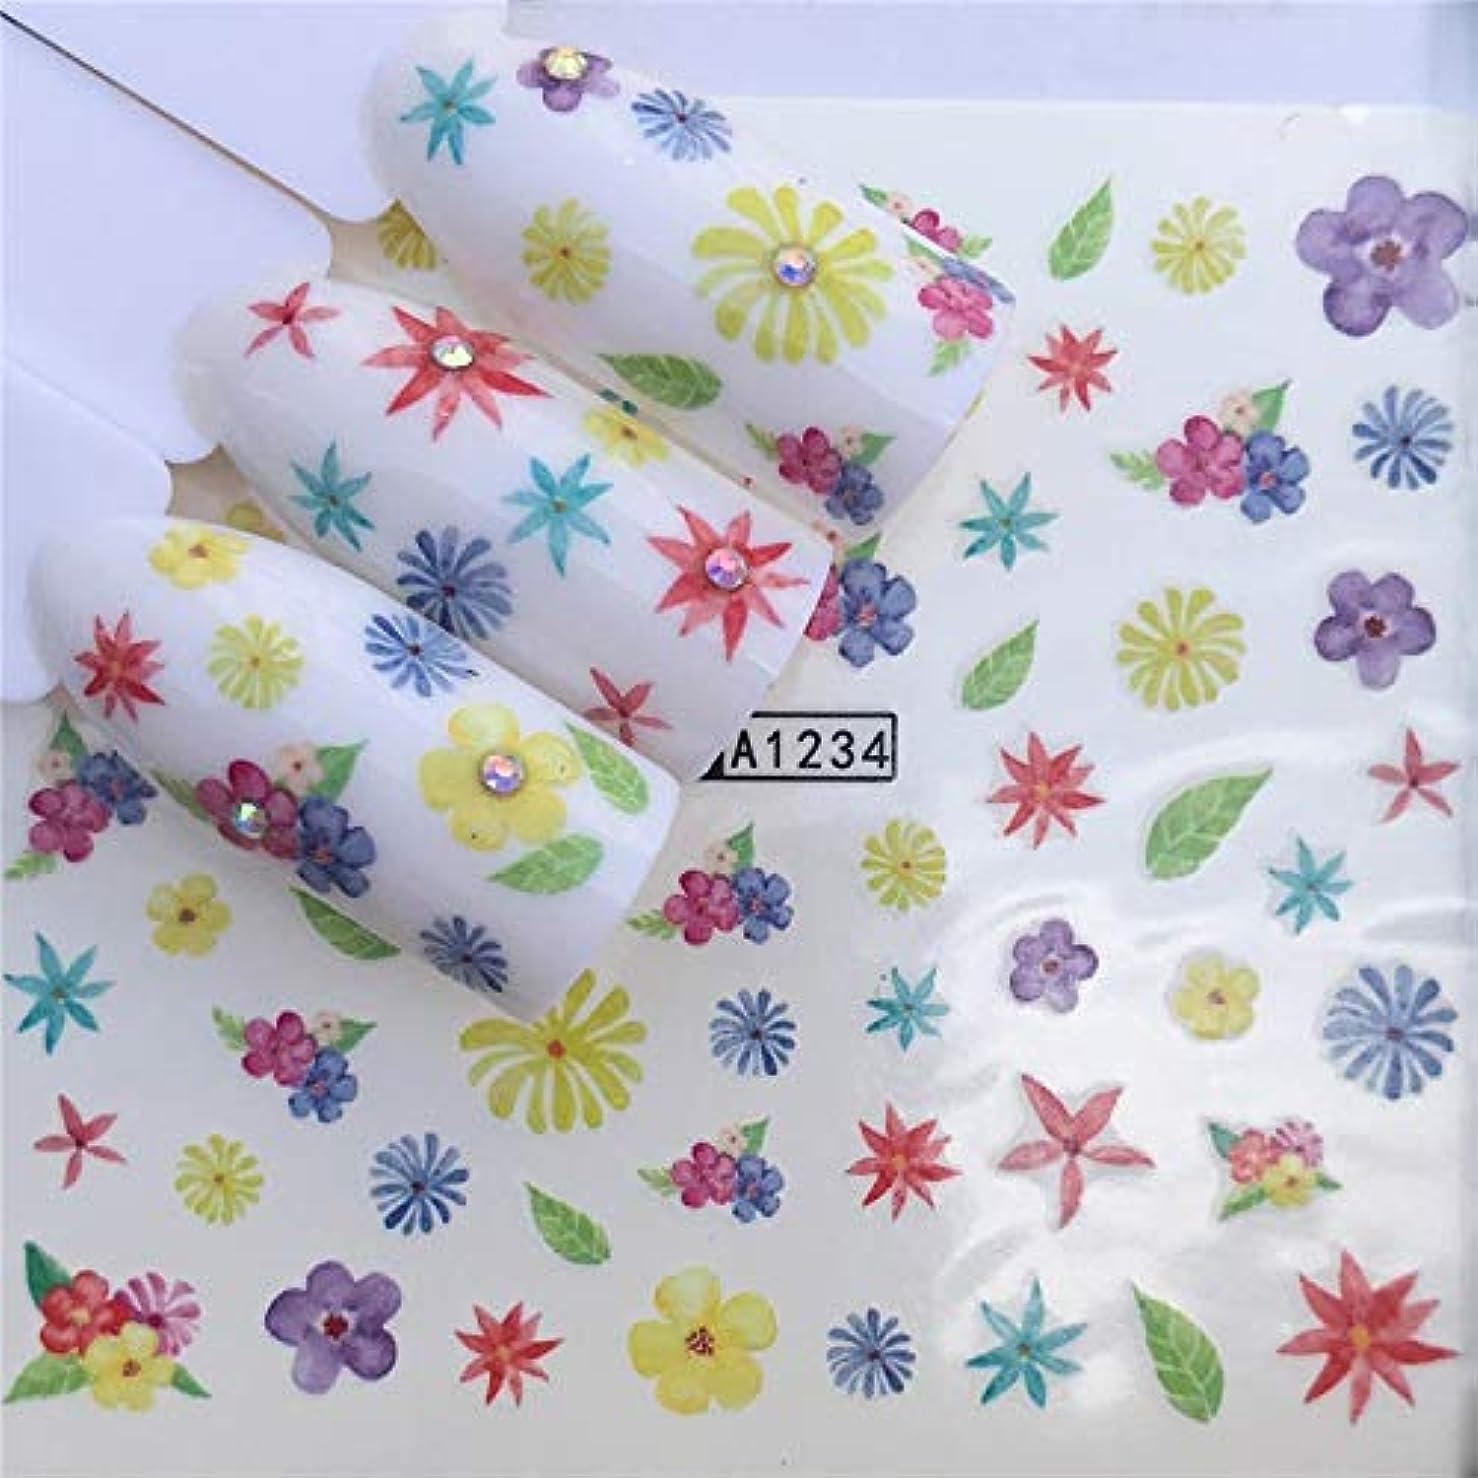 泣くキャラバン印刷するビューティー&パーソナルケア 3個ネイルステッカーセットデカール水転写スライダーネイルアートデコレーション、色:YZWA 1234 ステッカー&デカール